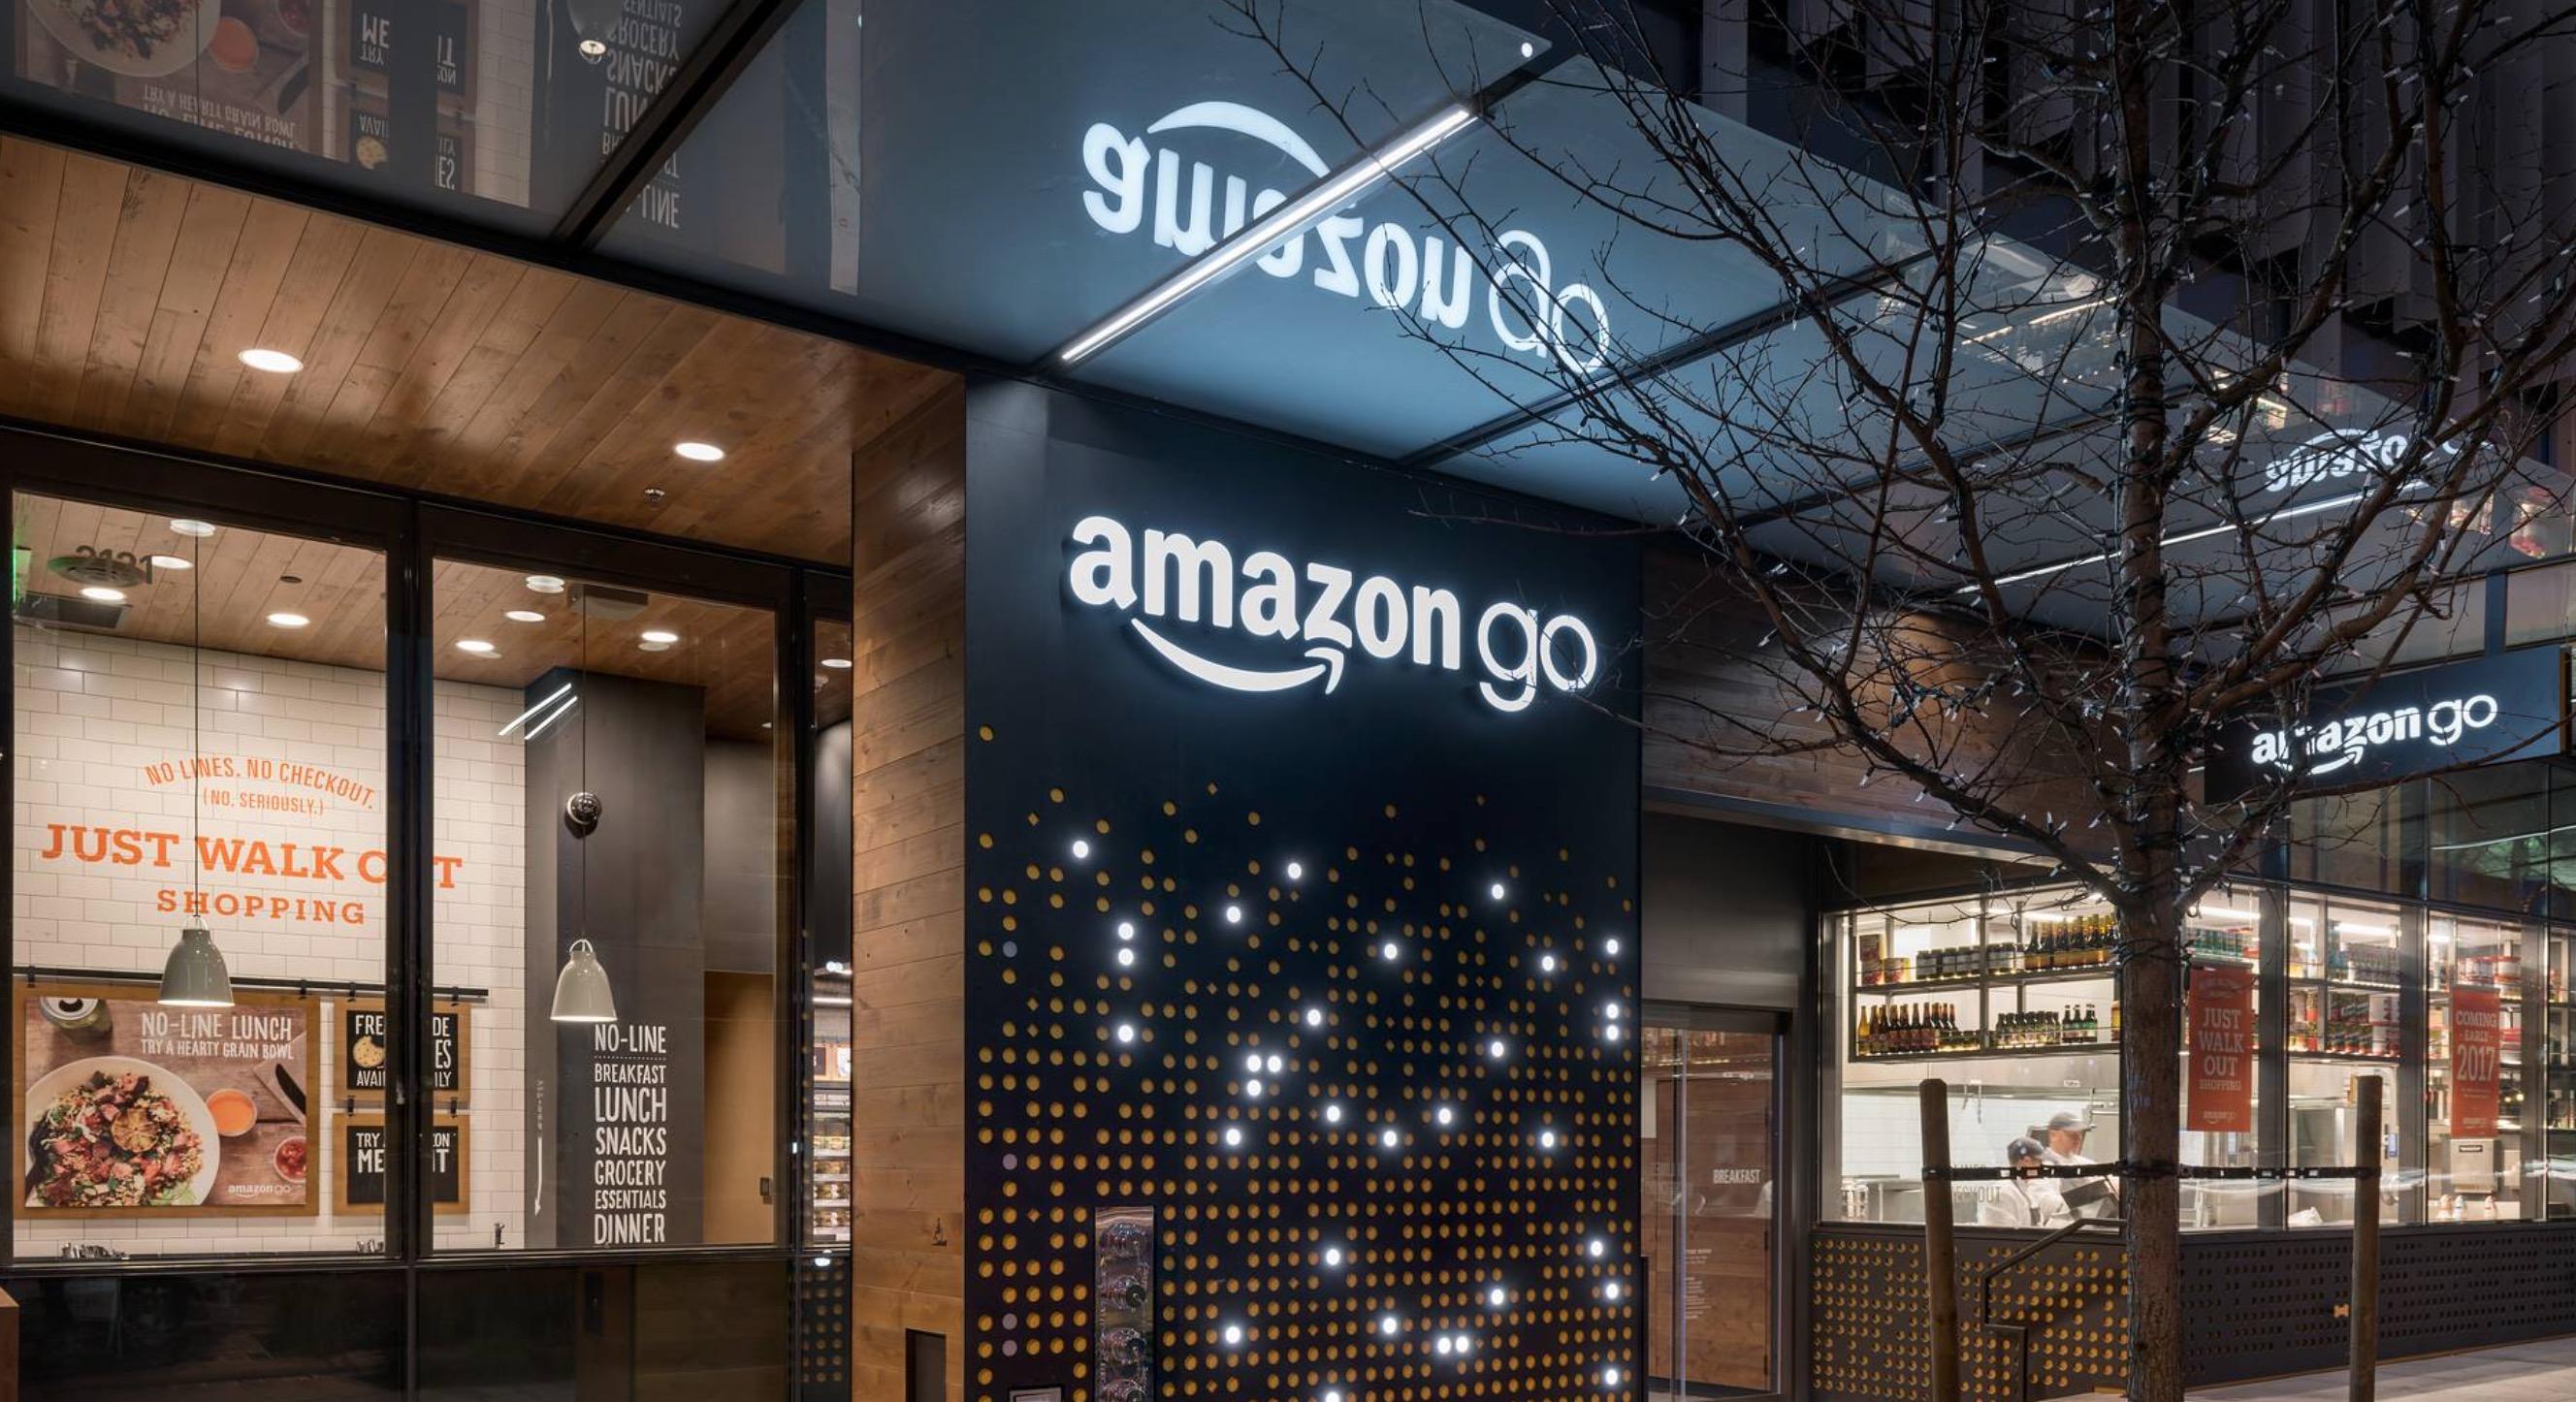 Amazon Go: come funziona il supermercato del futuro, senza file e casse